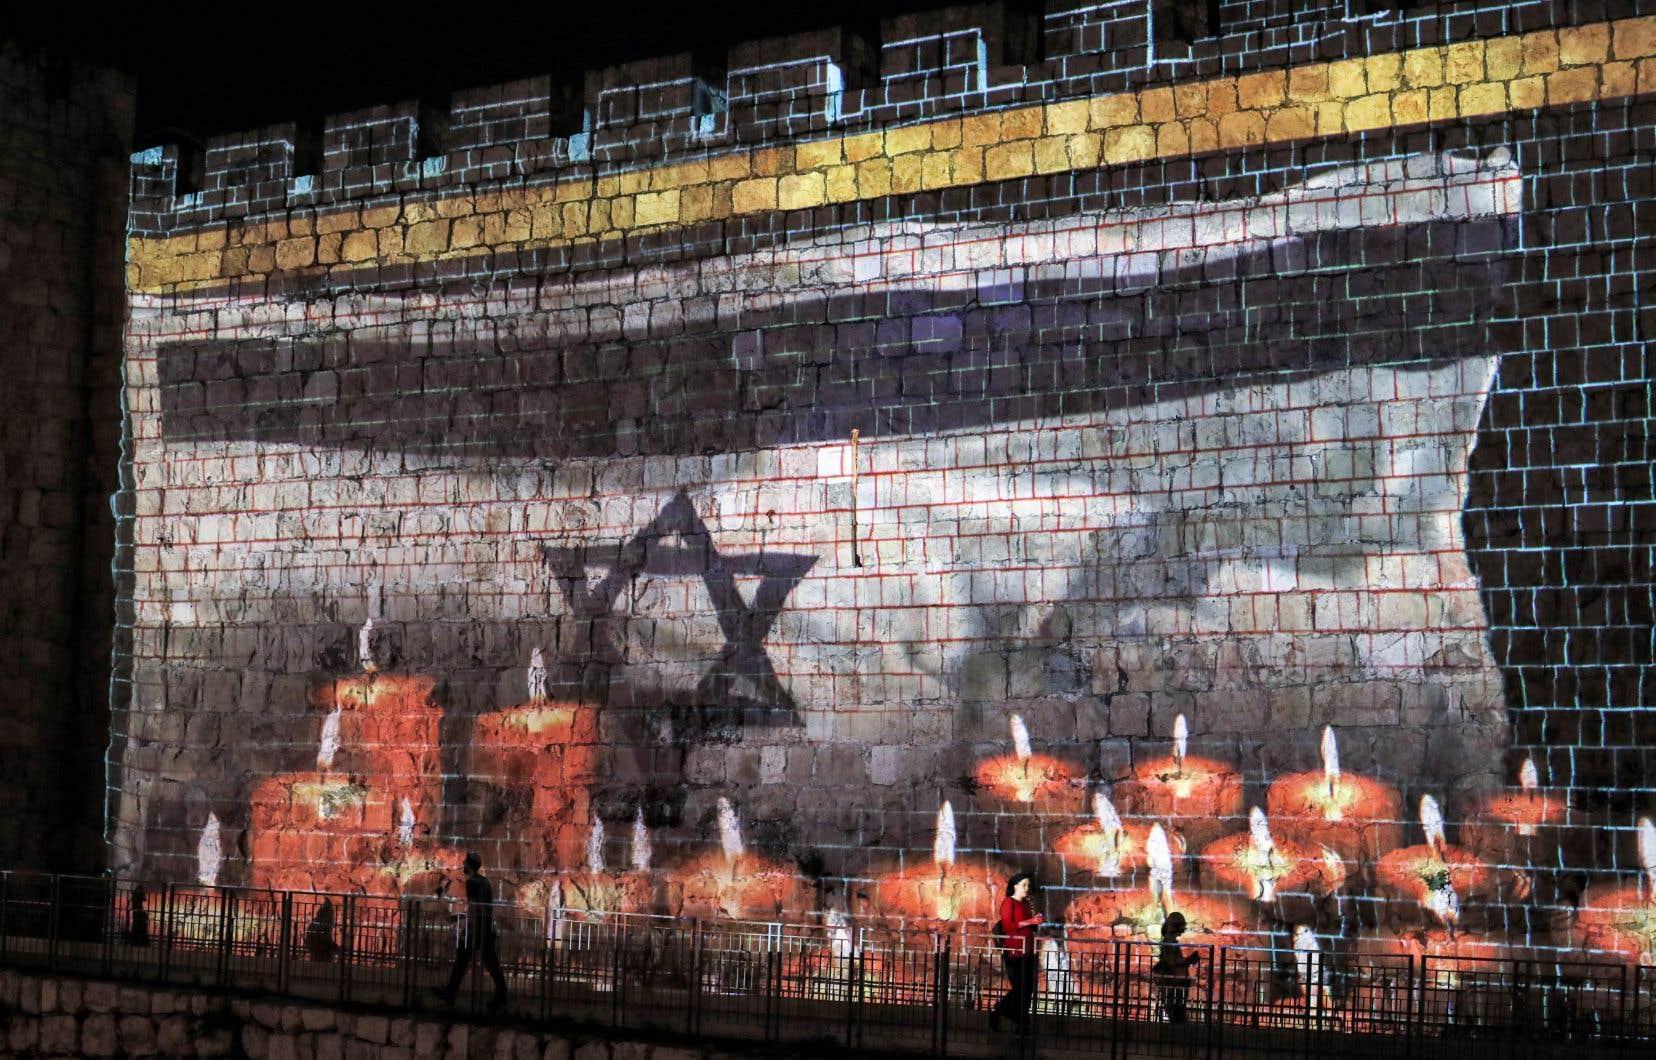 La projection d'un drapeau israélien ornait un mur de la vieille ville de Jérusalem, le pays ayant déclaré dimanche une journée nationale de deuil pour les victimes de la bousculade.